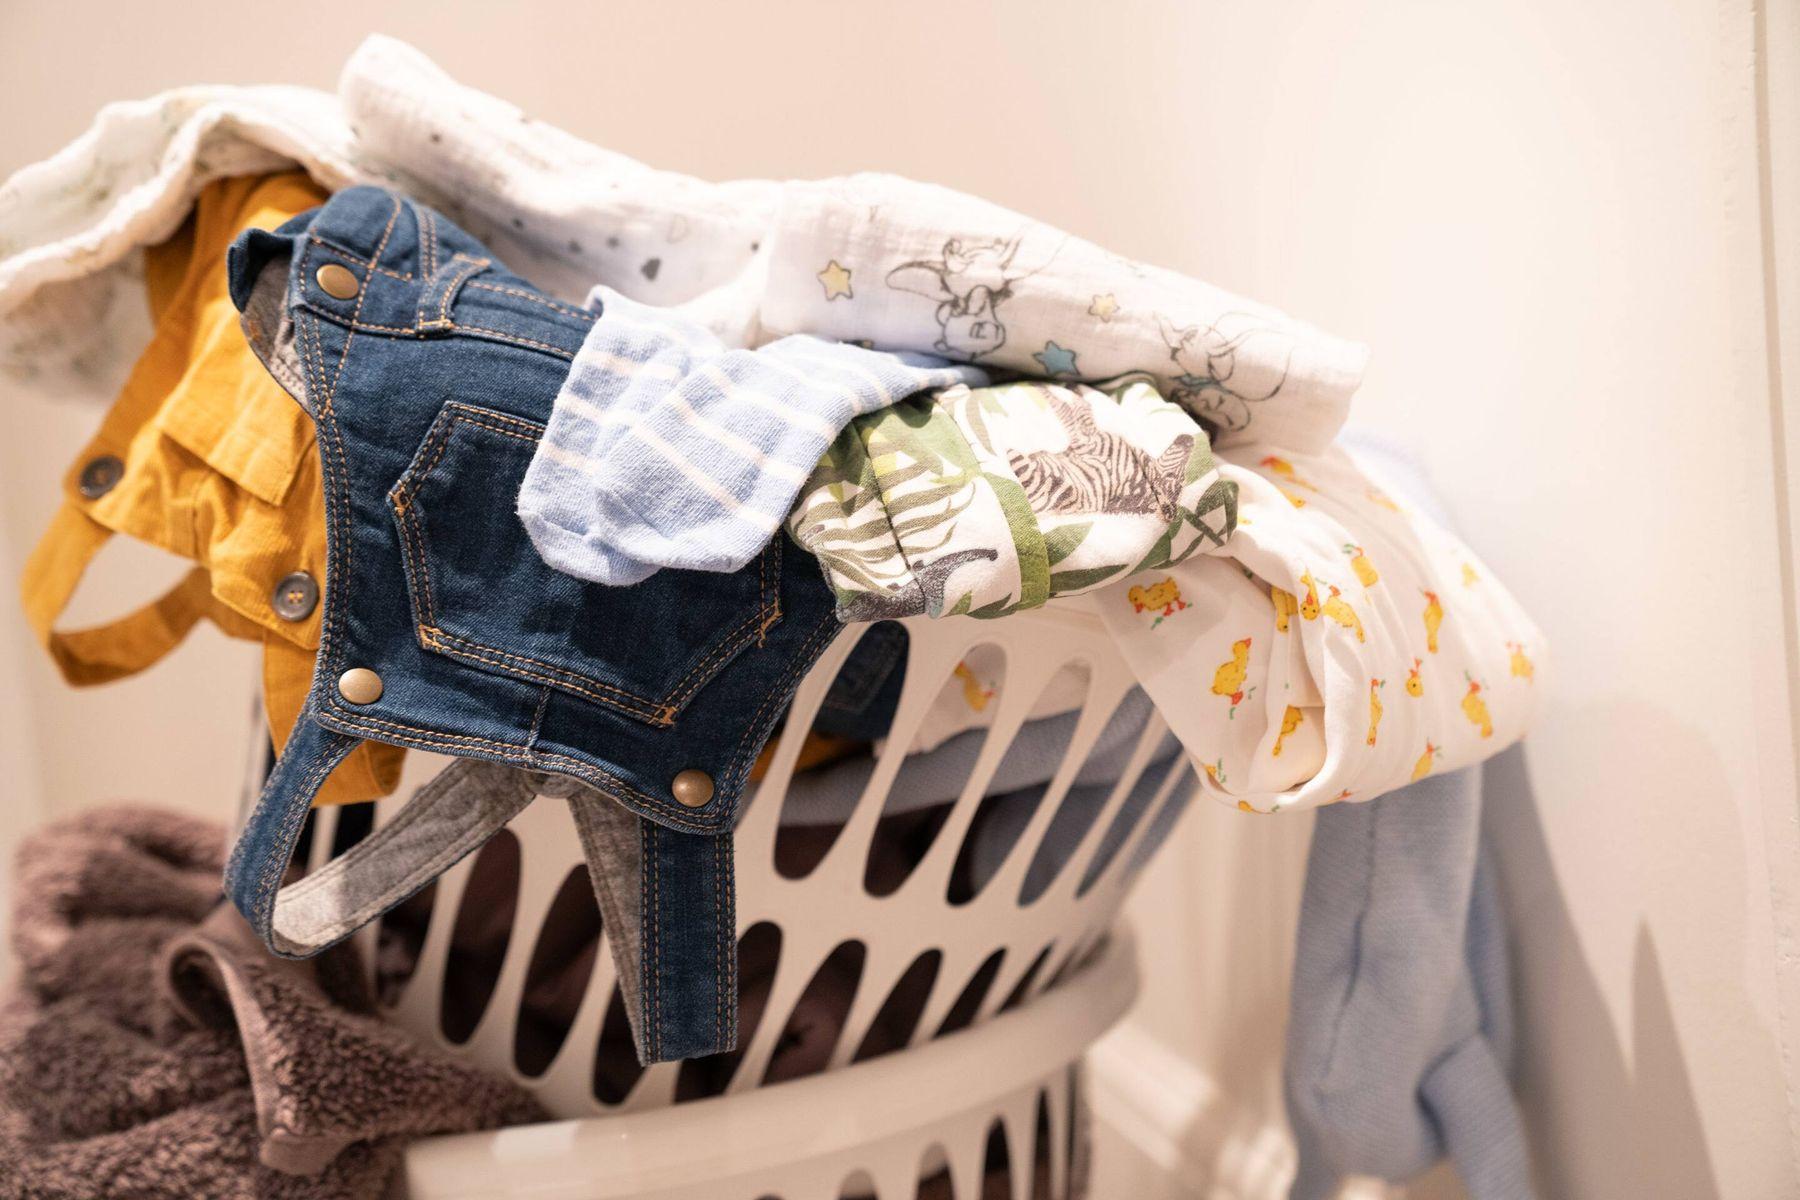 phân loại quần áo trước khi đến với cách giặt quần áo